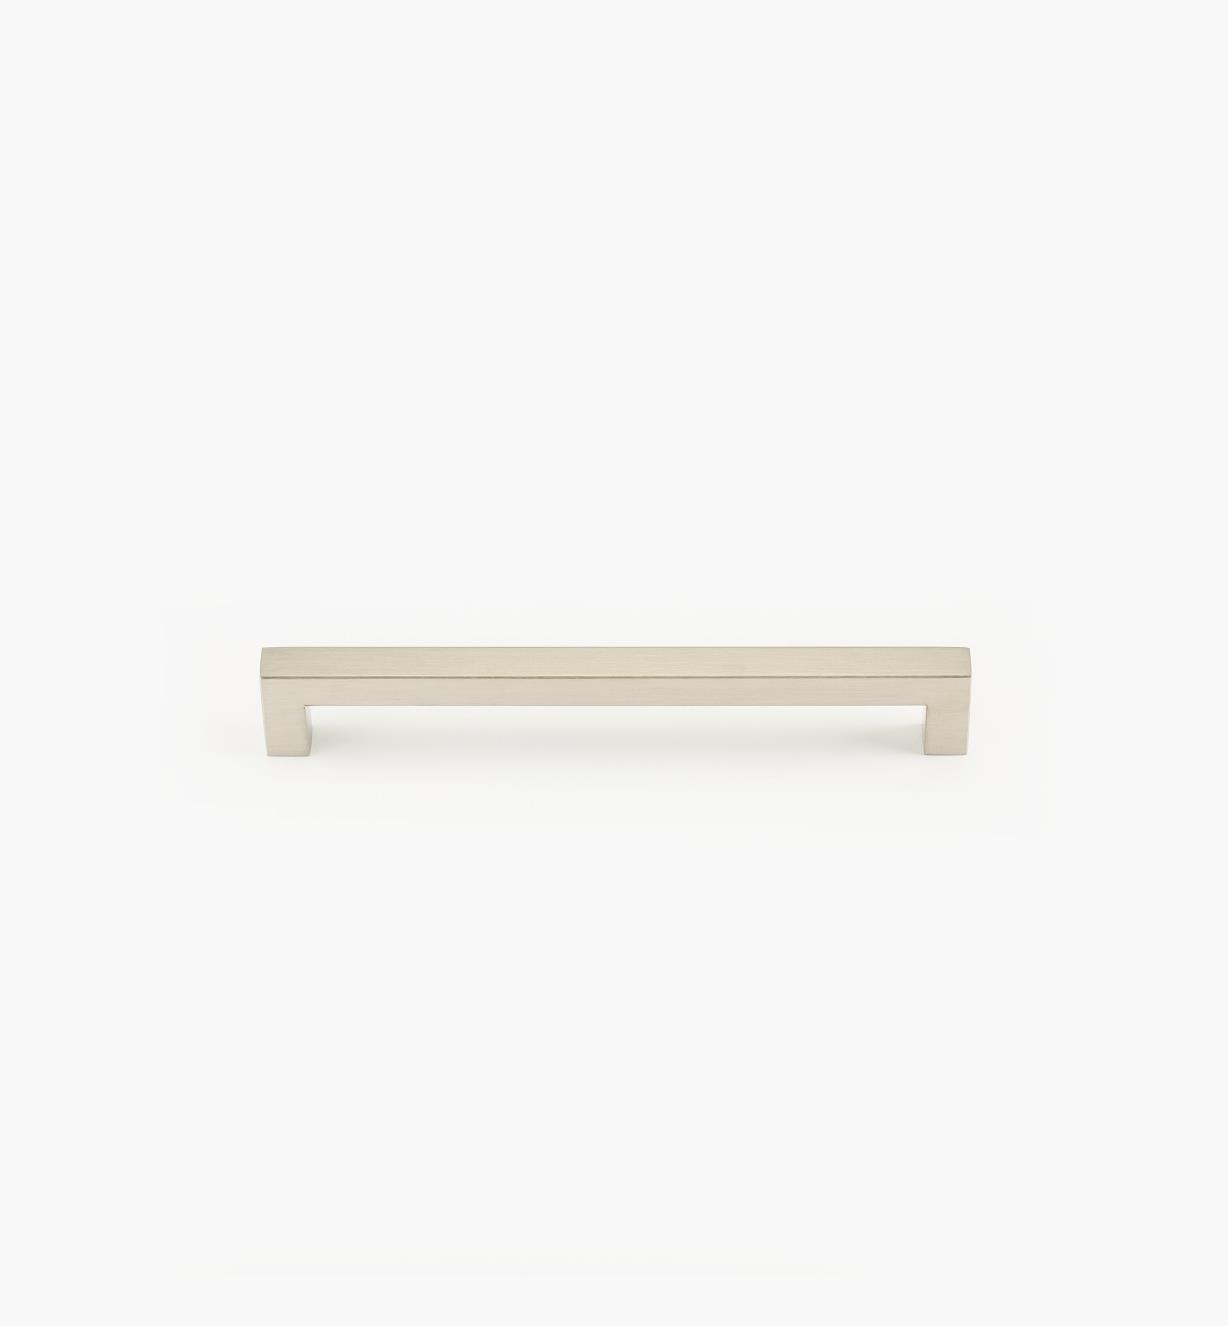 01W8015 - Poignée-tube carrée en acier inoxydable, 224mm